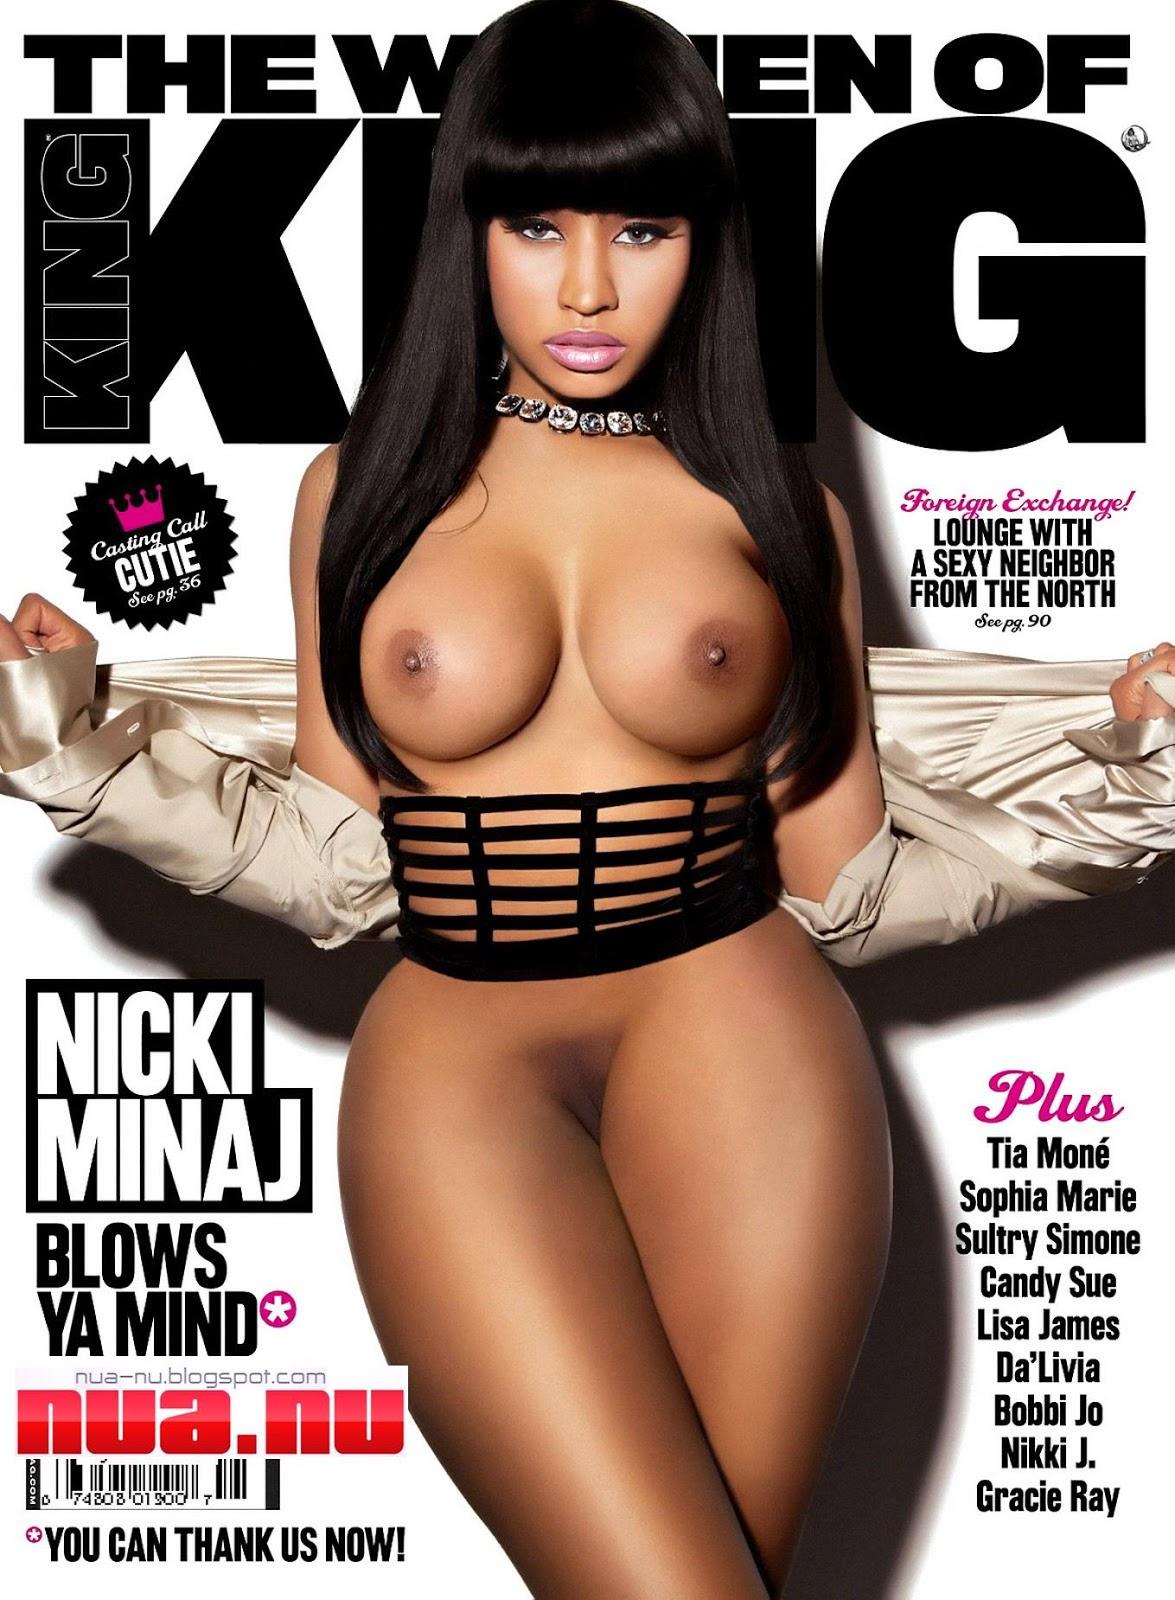 nicki+minaj+naked+nude+2 Vídeo Pornô e Fotos nua da Cantora Nicki Minaj   Na íntegra!